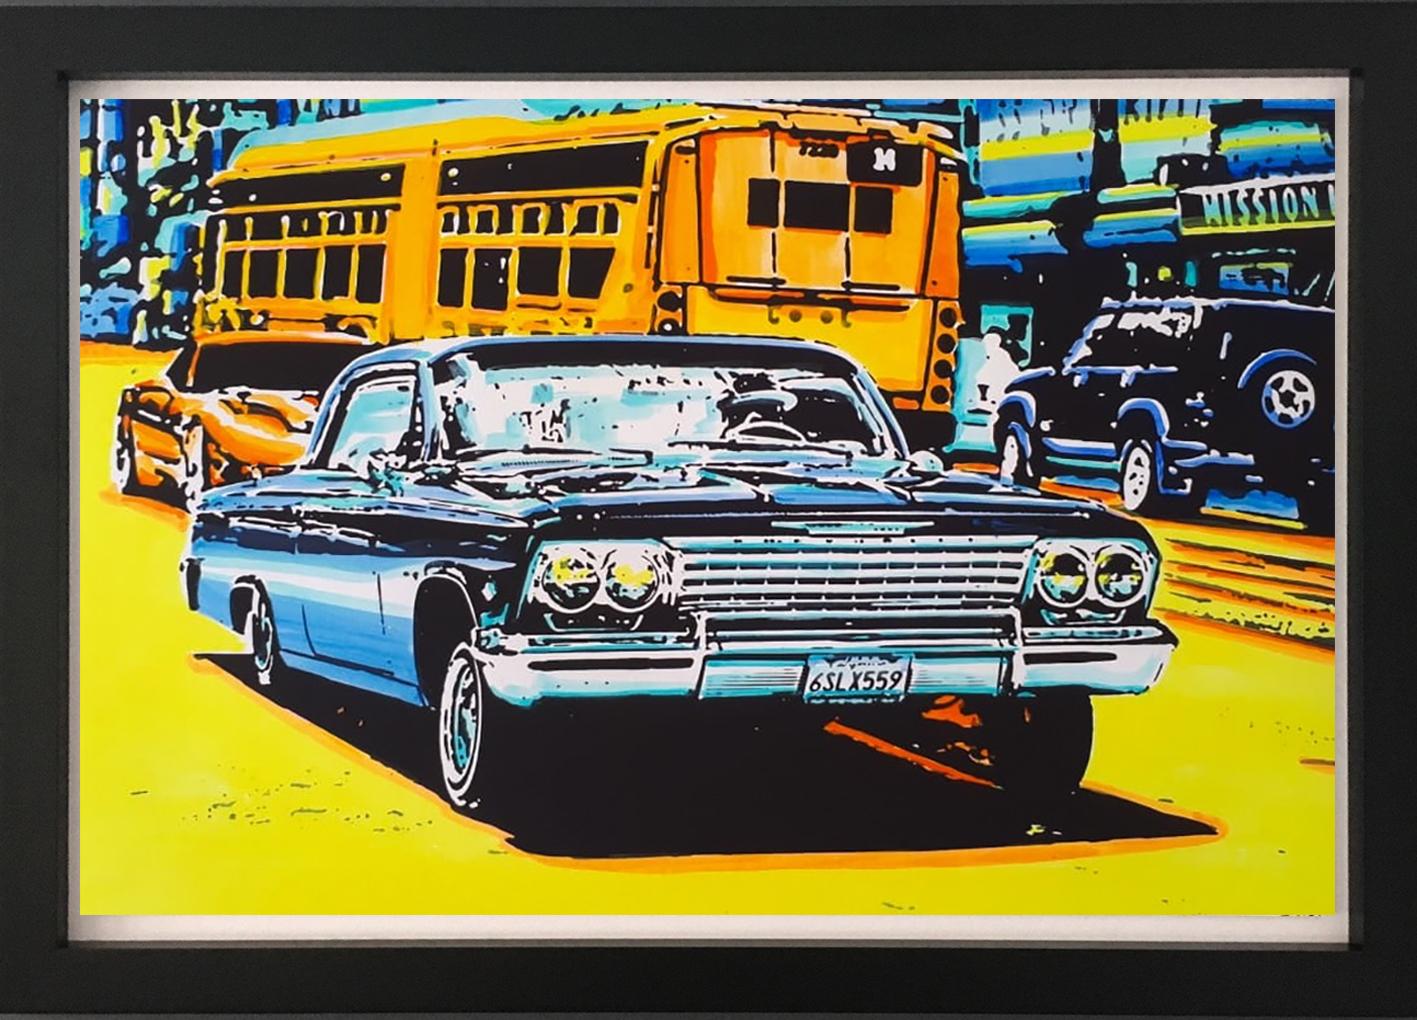 Car II in frame